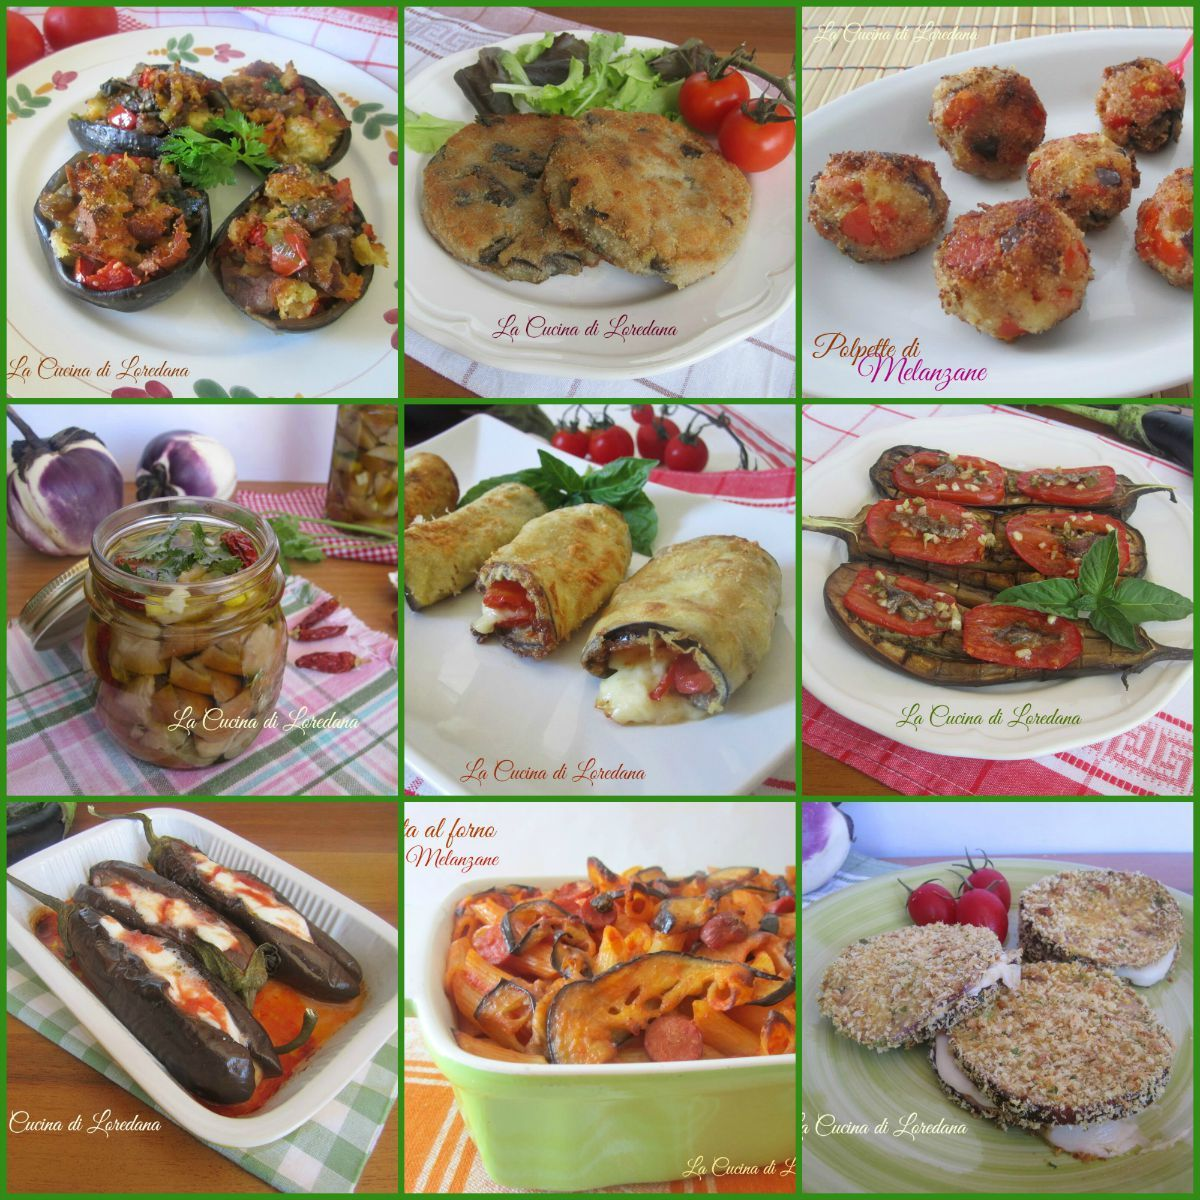 Ricette con le melanzane la cucina di loredanala cucina di loredana recetas food ethnic - Loredana in cucina ...